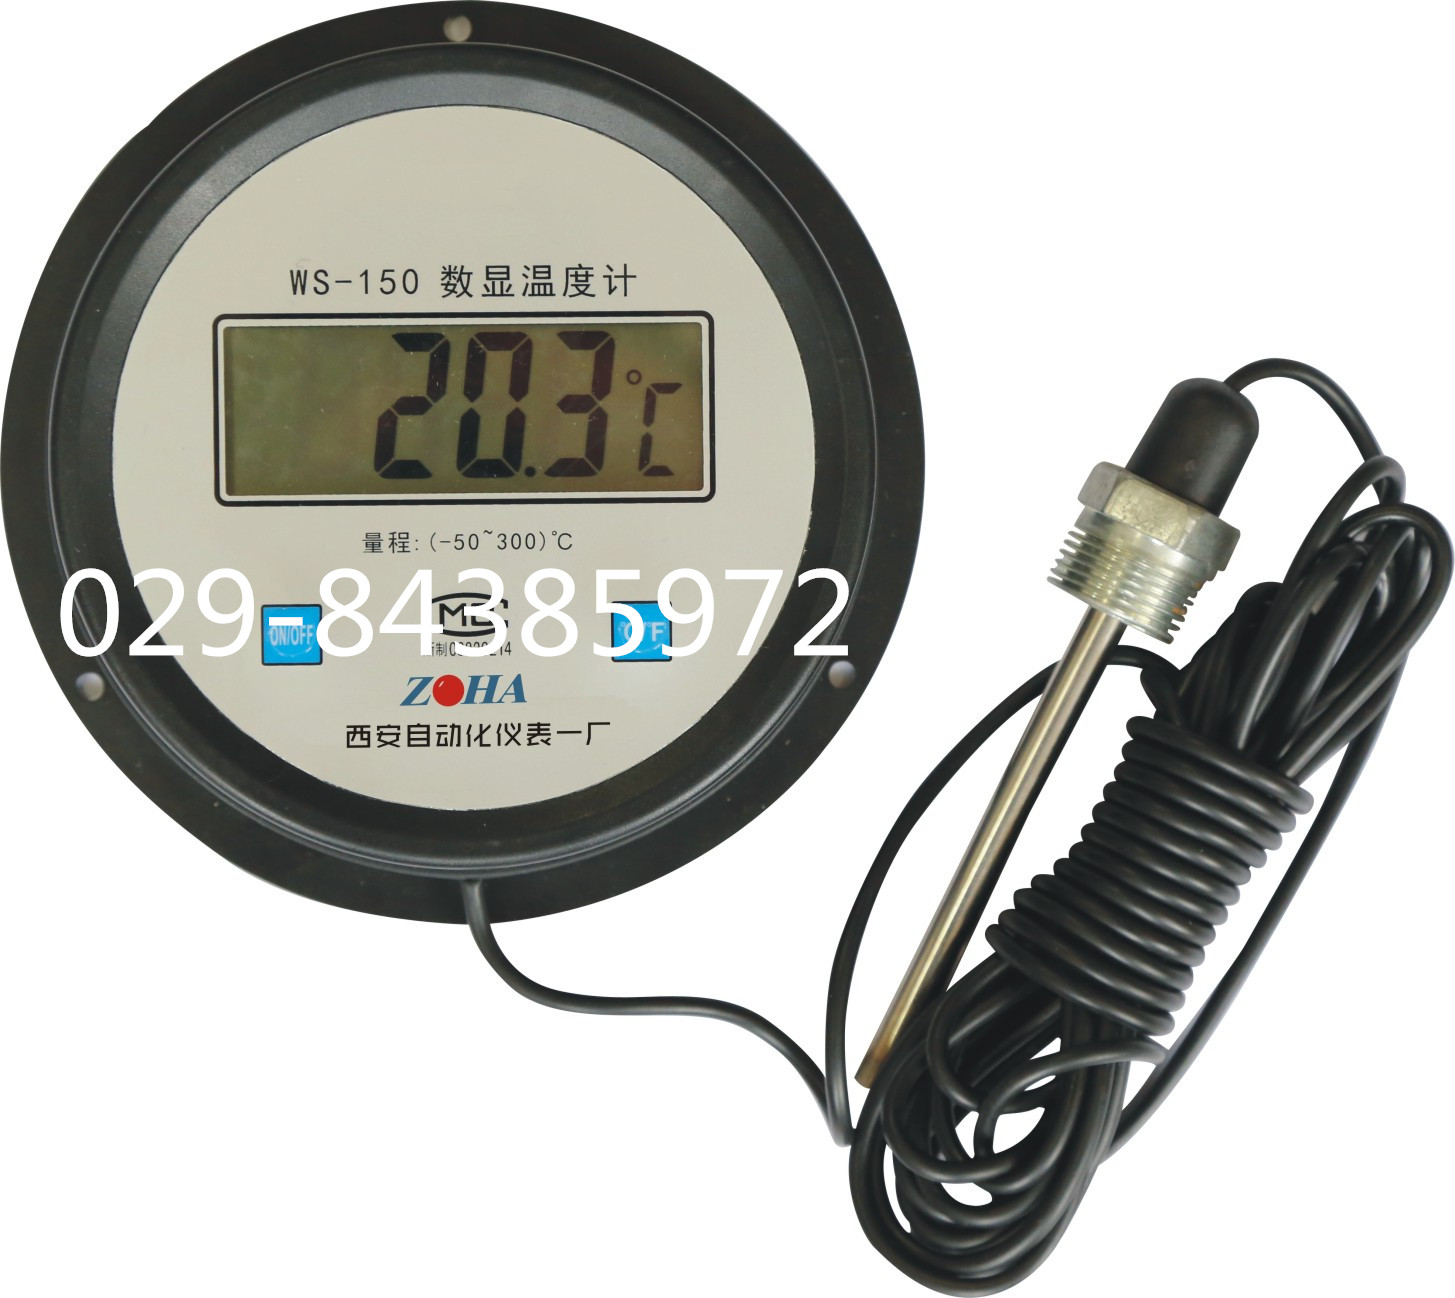 WS-150数显温度计,数字温度计